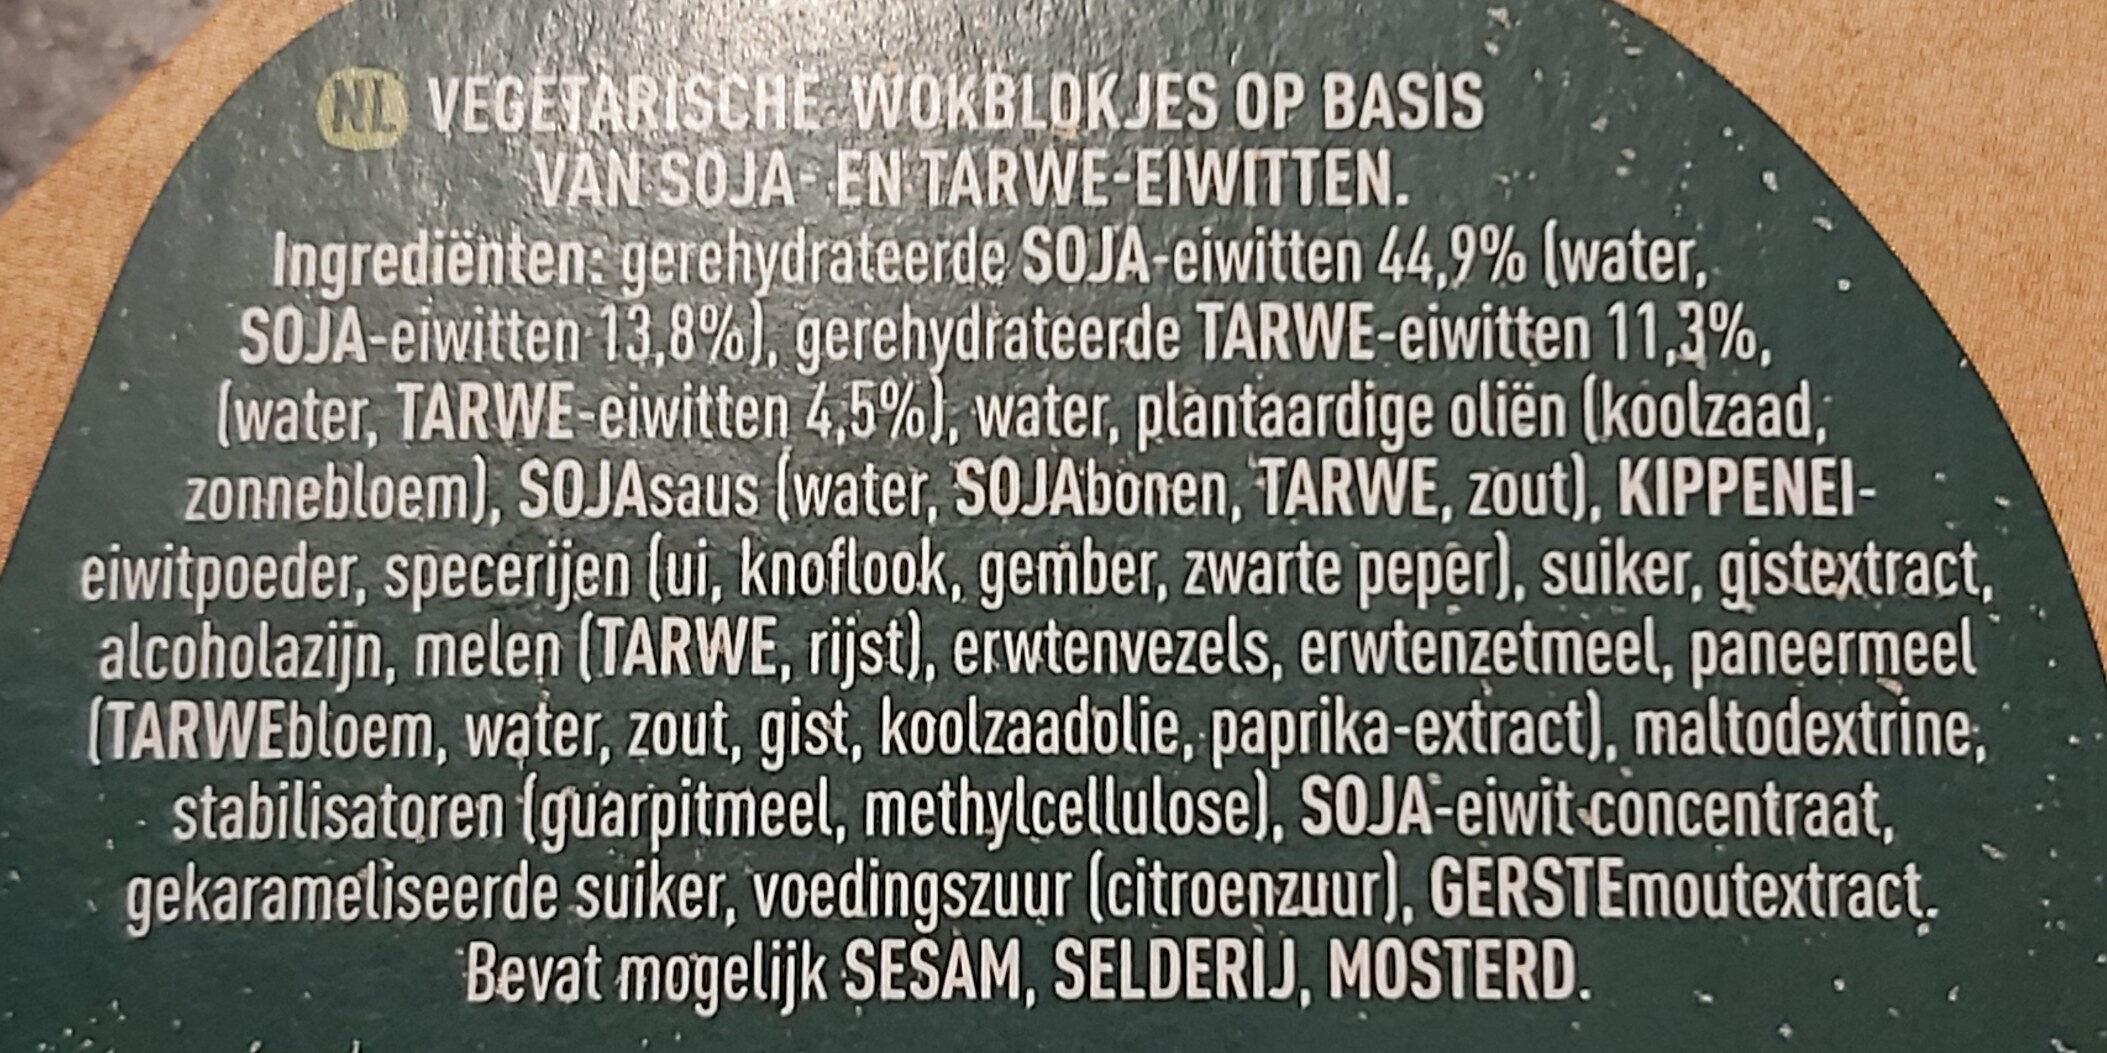 Oosterse wokblokjes - Ingredients - nl